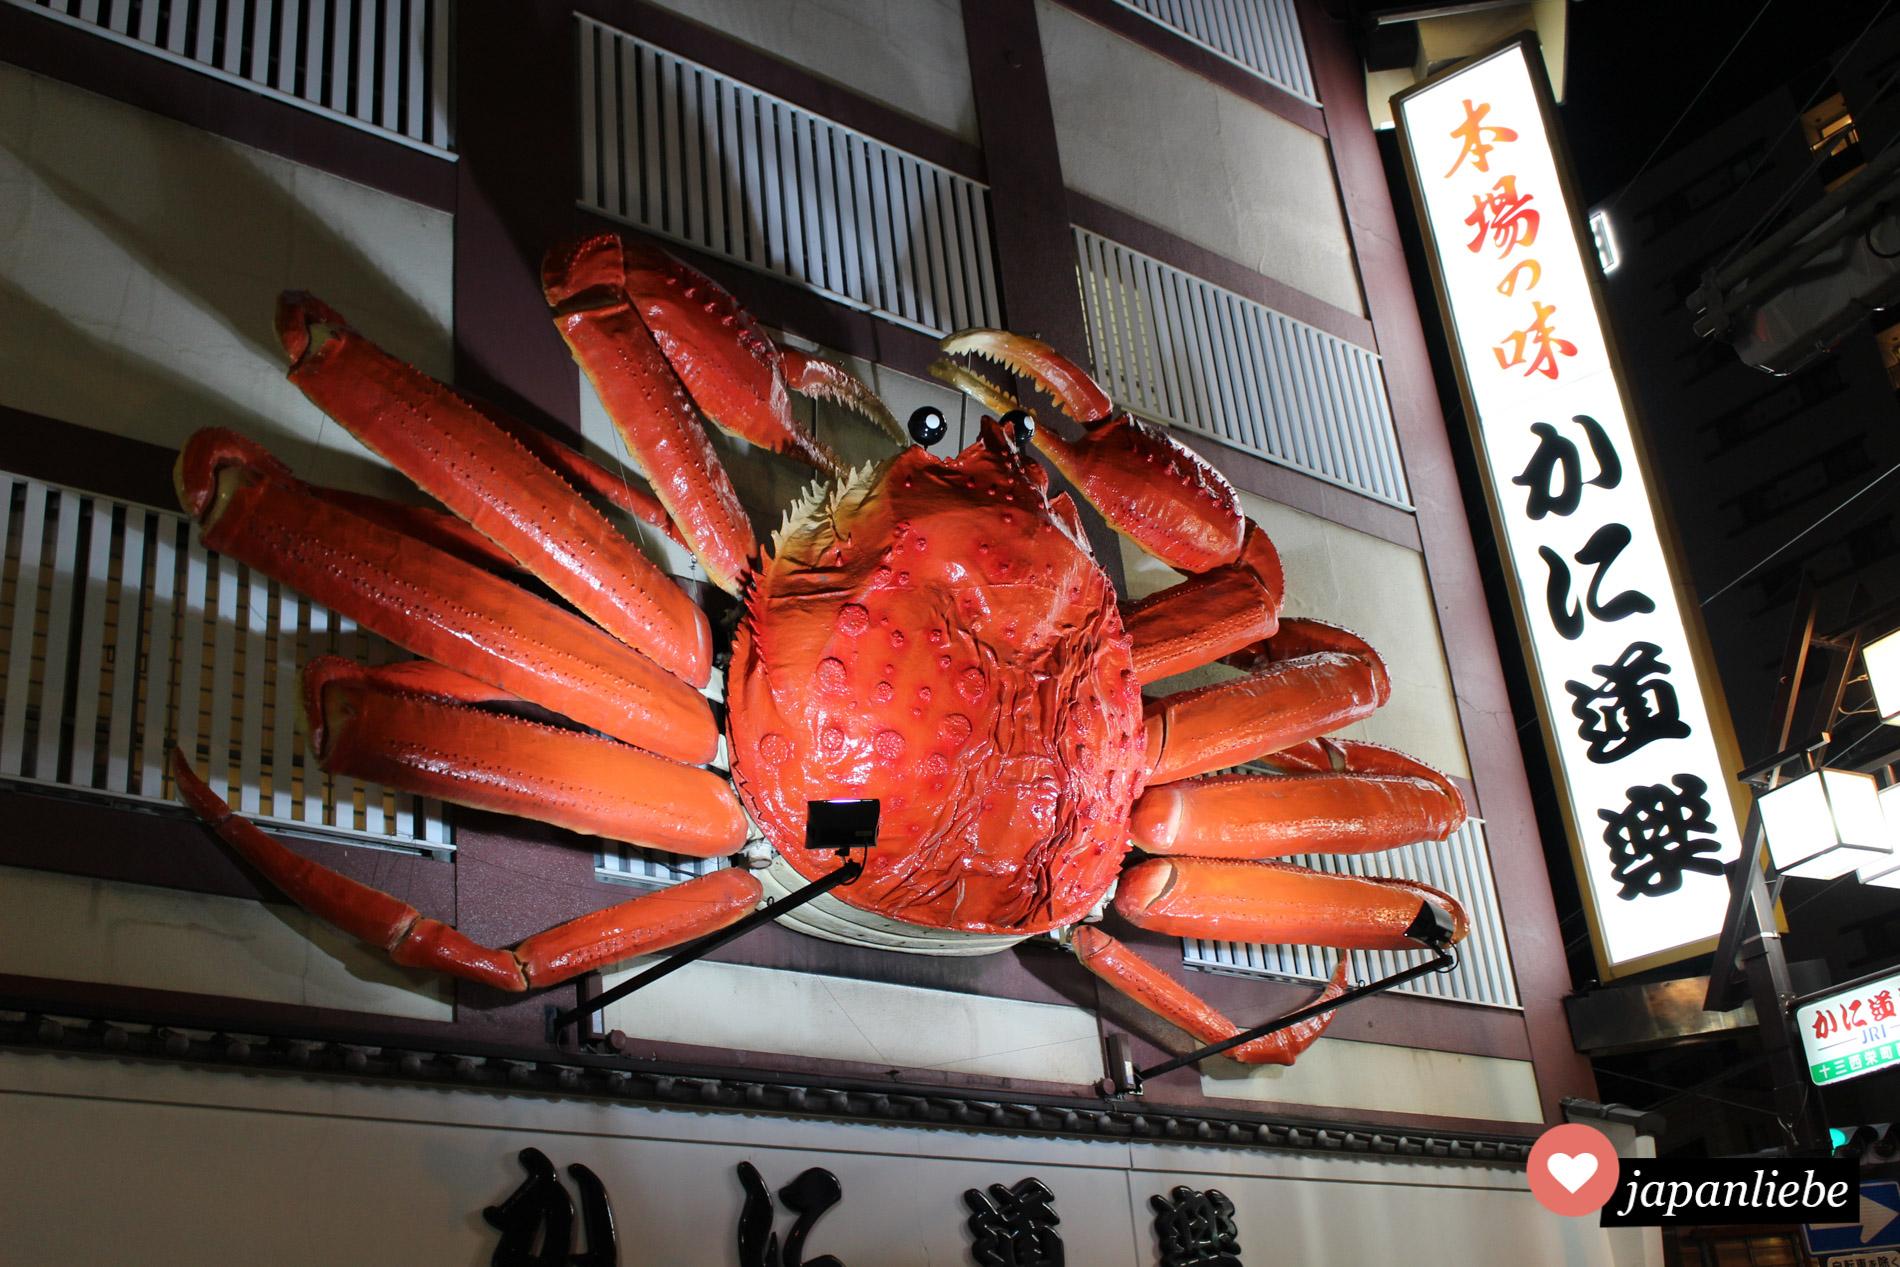 Eine sich bewegende Krabbe bewirbt ein Restaurant in Ōsaka